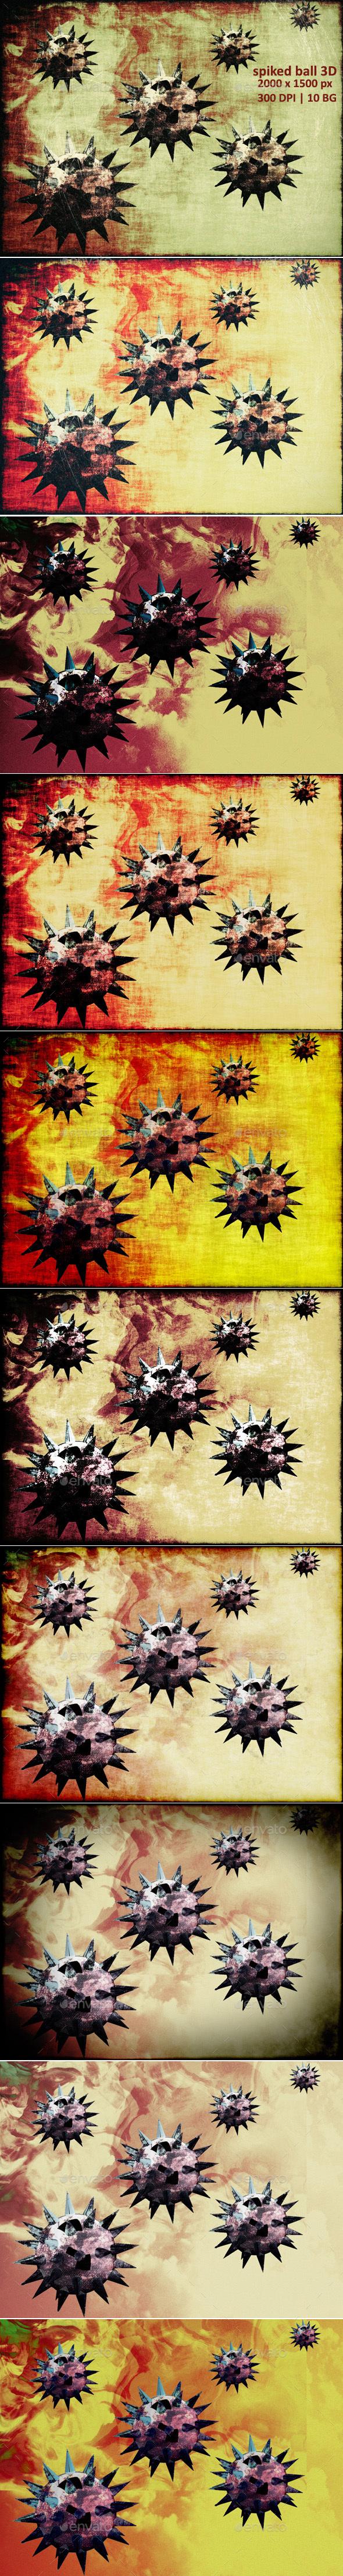 3D Spiked Ball Grung Backgrounds - 3D Backgrounds